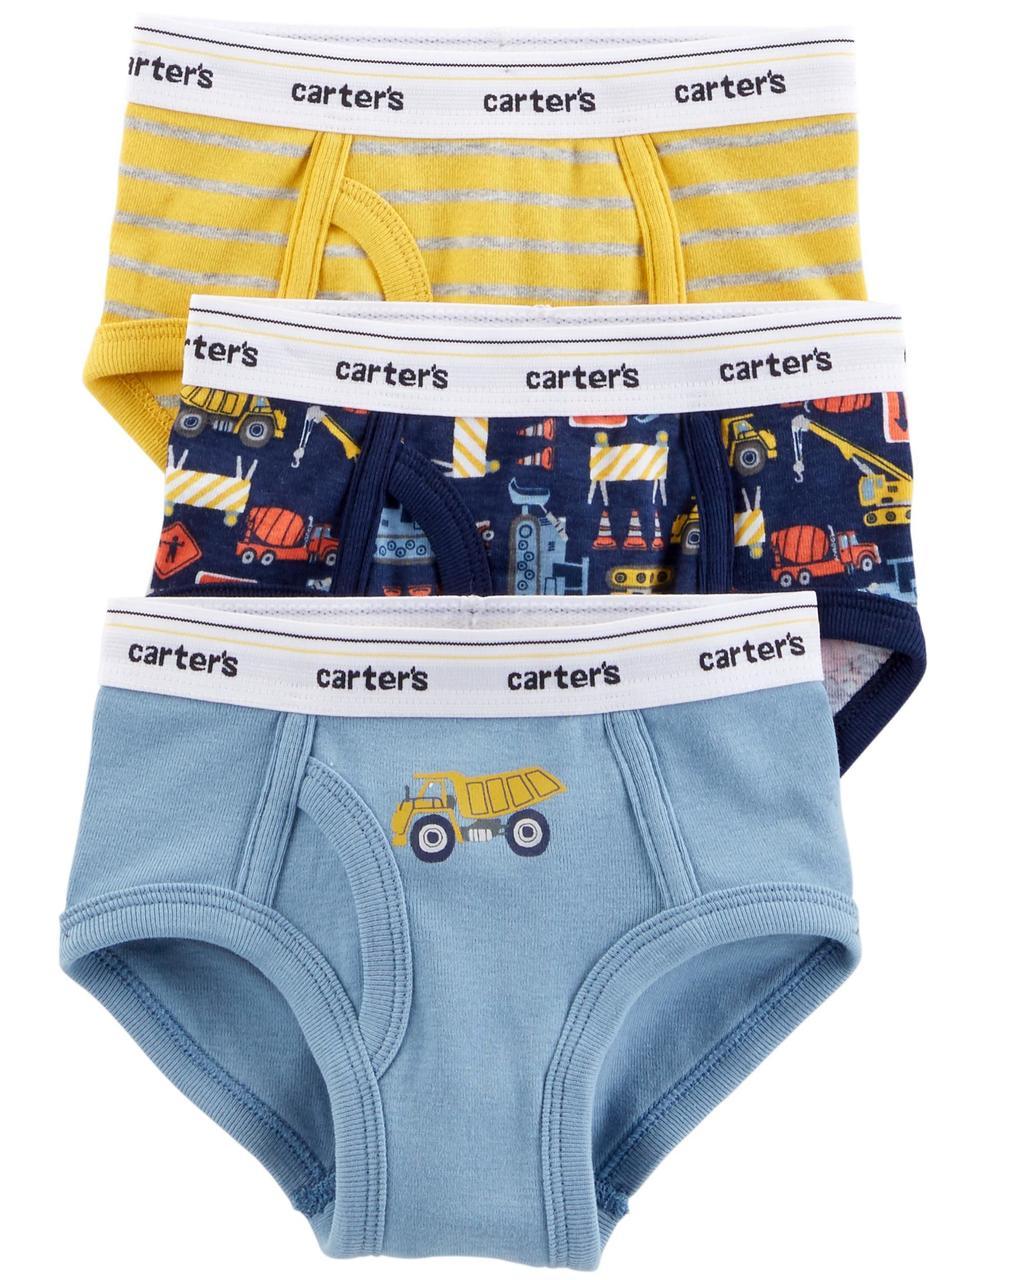 Комплект трусиков Carter's для мальчика